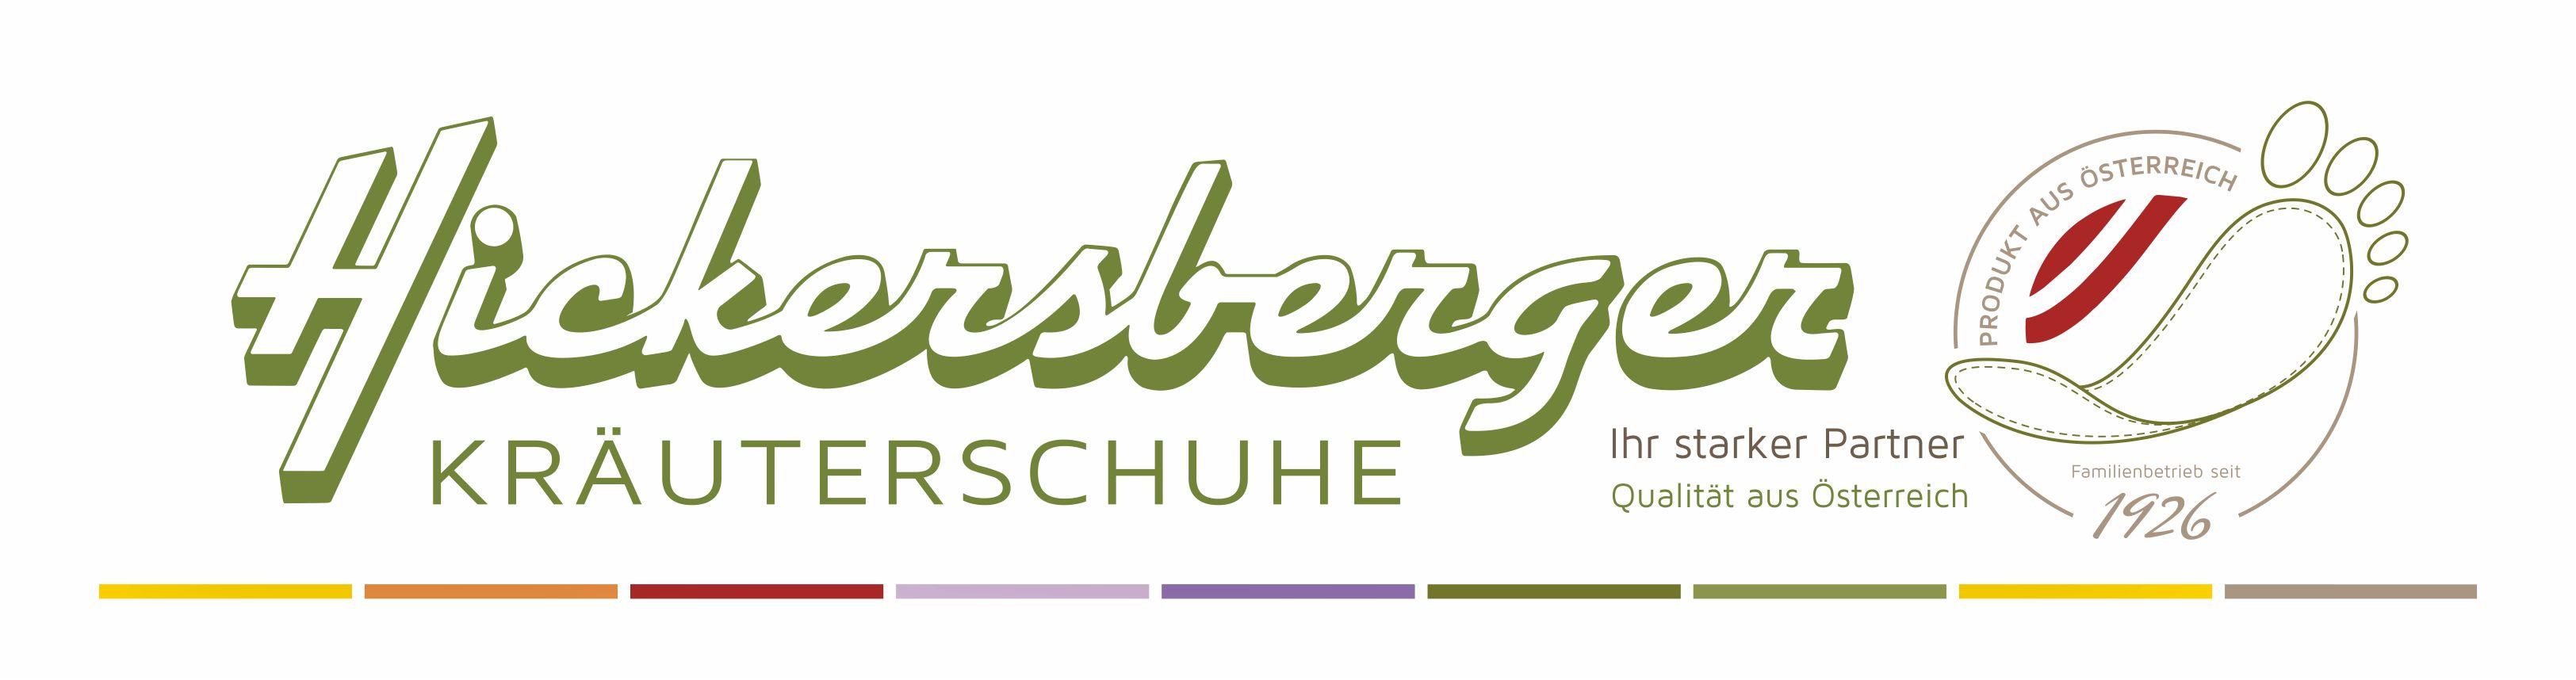 Hickersberger Kräuterschuhe-Logo